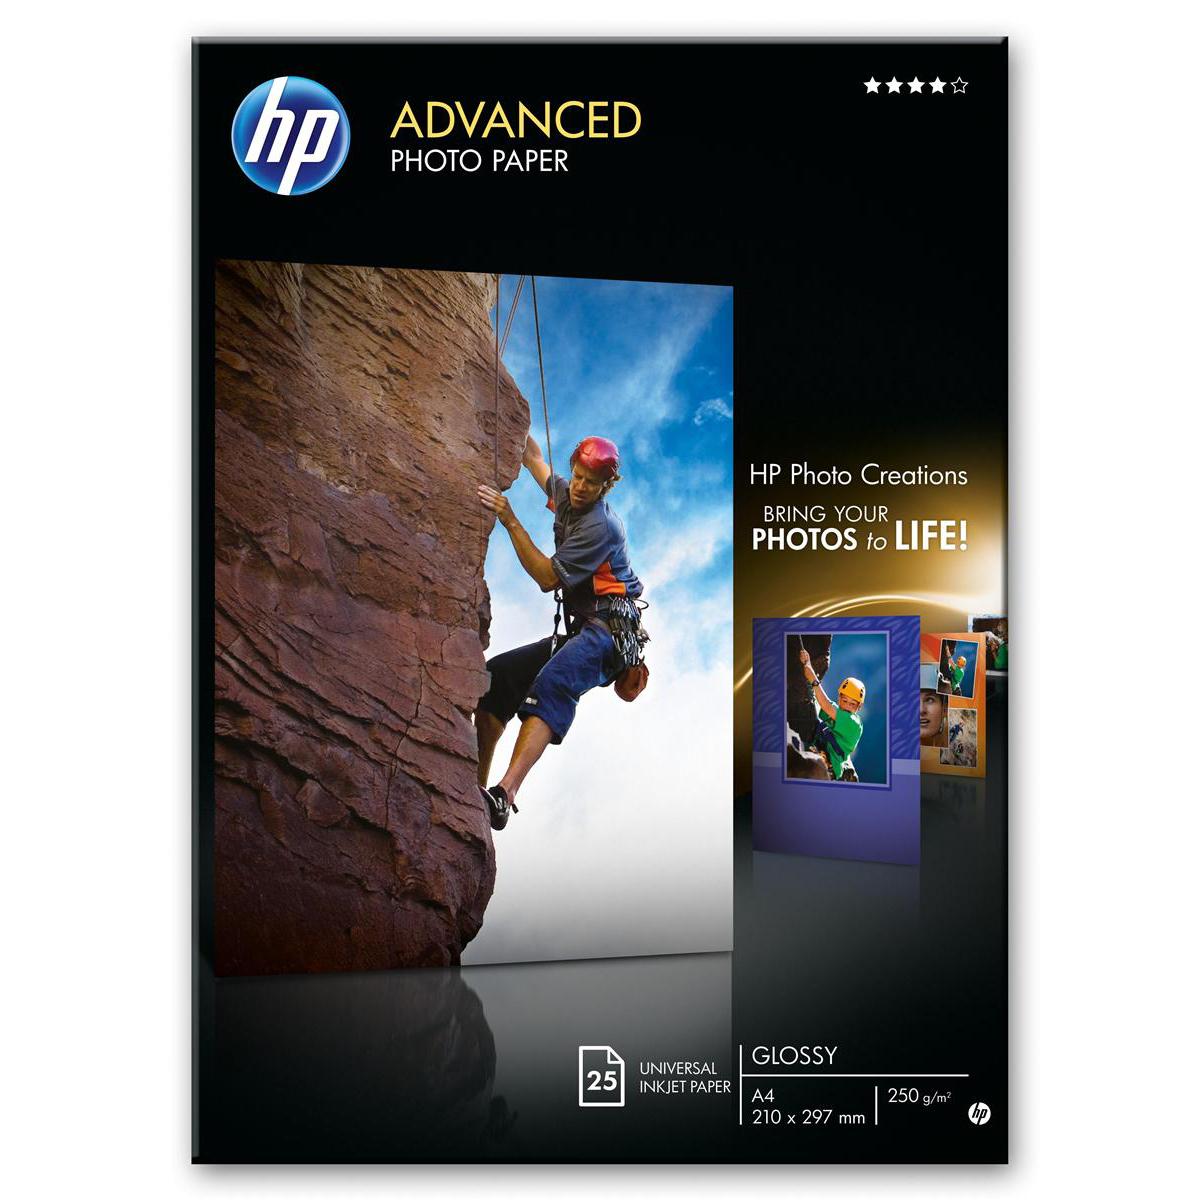 Hewlett Packard [HP] Advanced Photo Paper Gloss 250gsm 130x180mm Ref Q8696A [25 sheets]